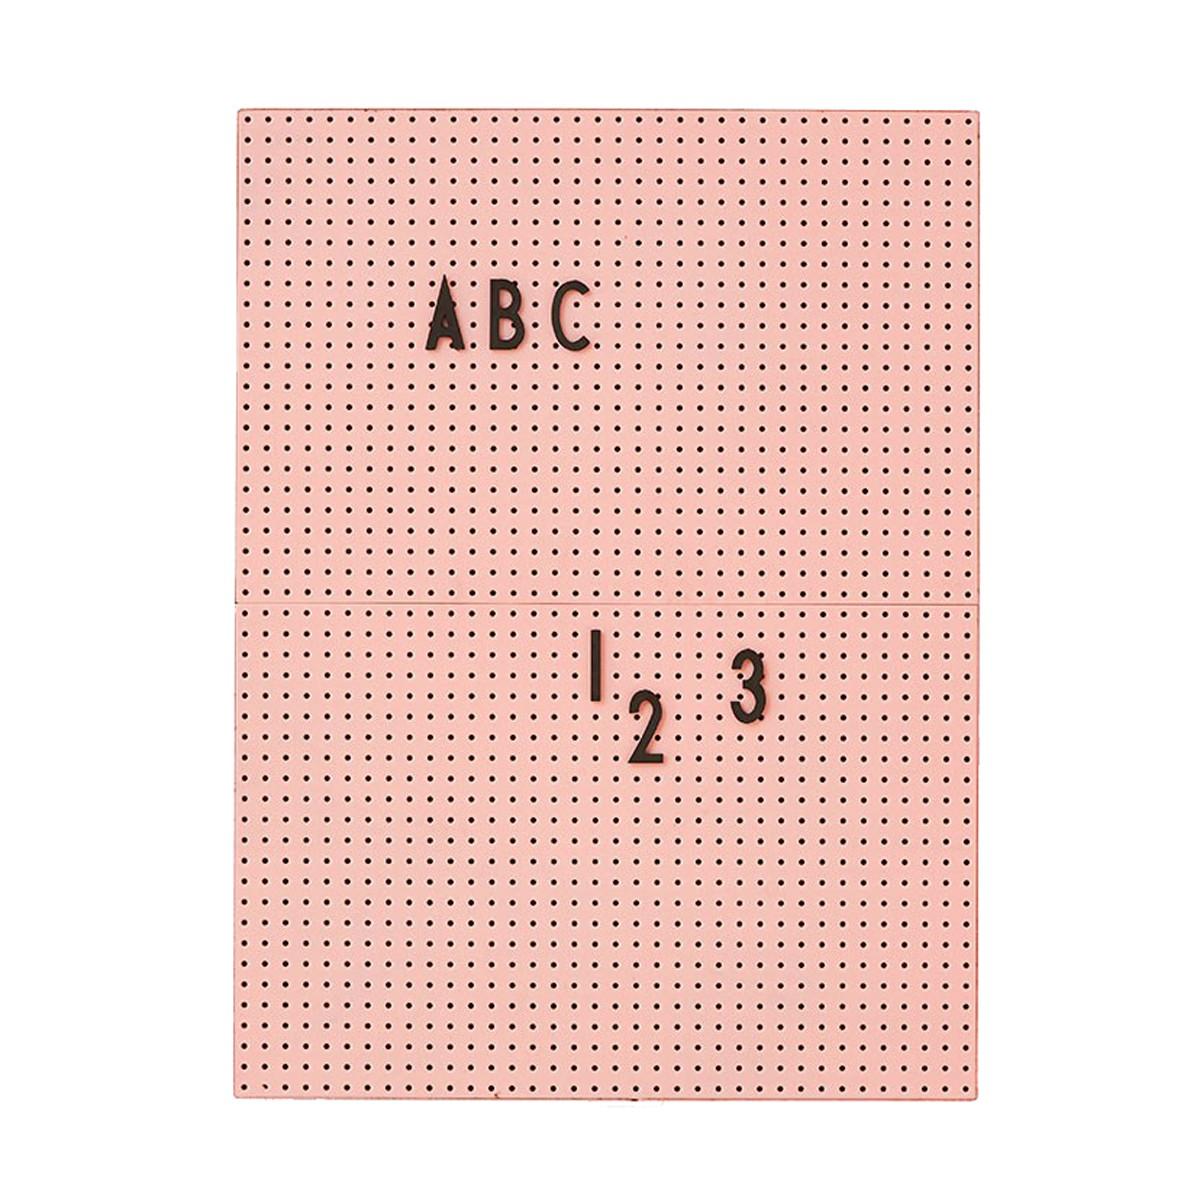 Designletters message board a4 - pink, 6 stk. på lager fra Designletters på pixizoo